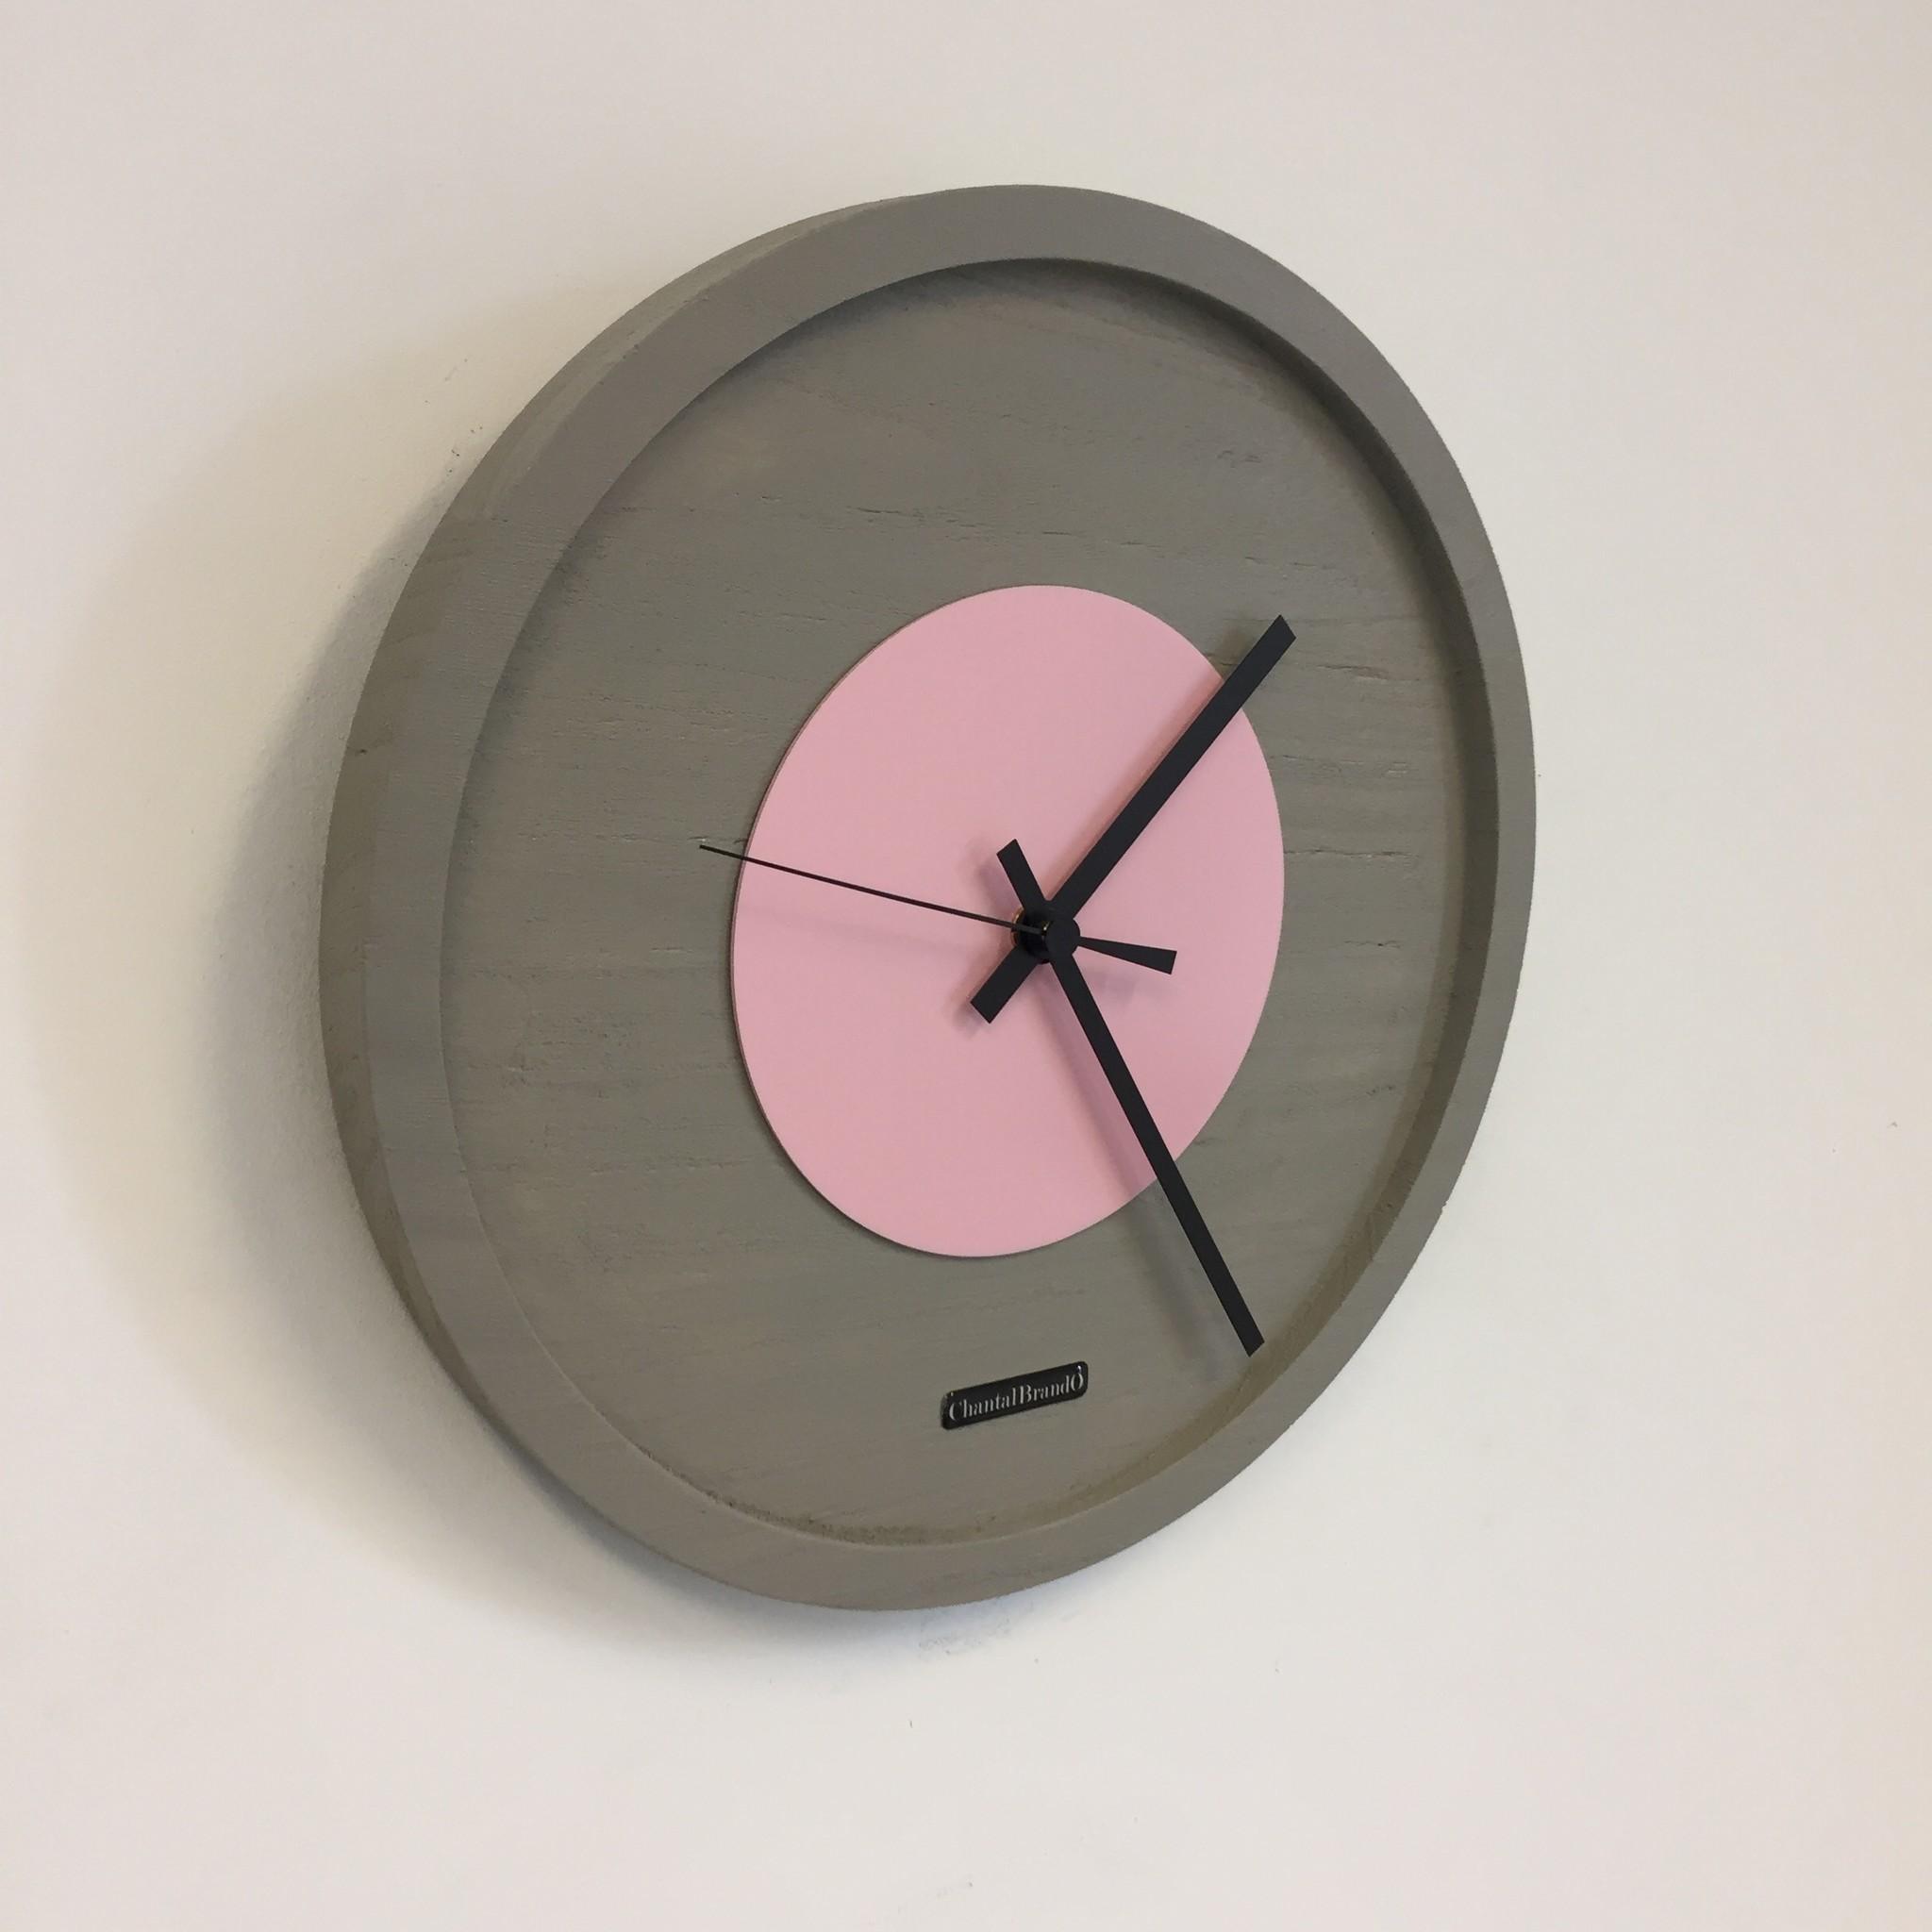 ChantalBrandO Wandklok Quinten PINK Modern Design